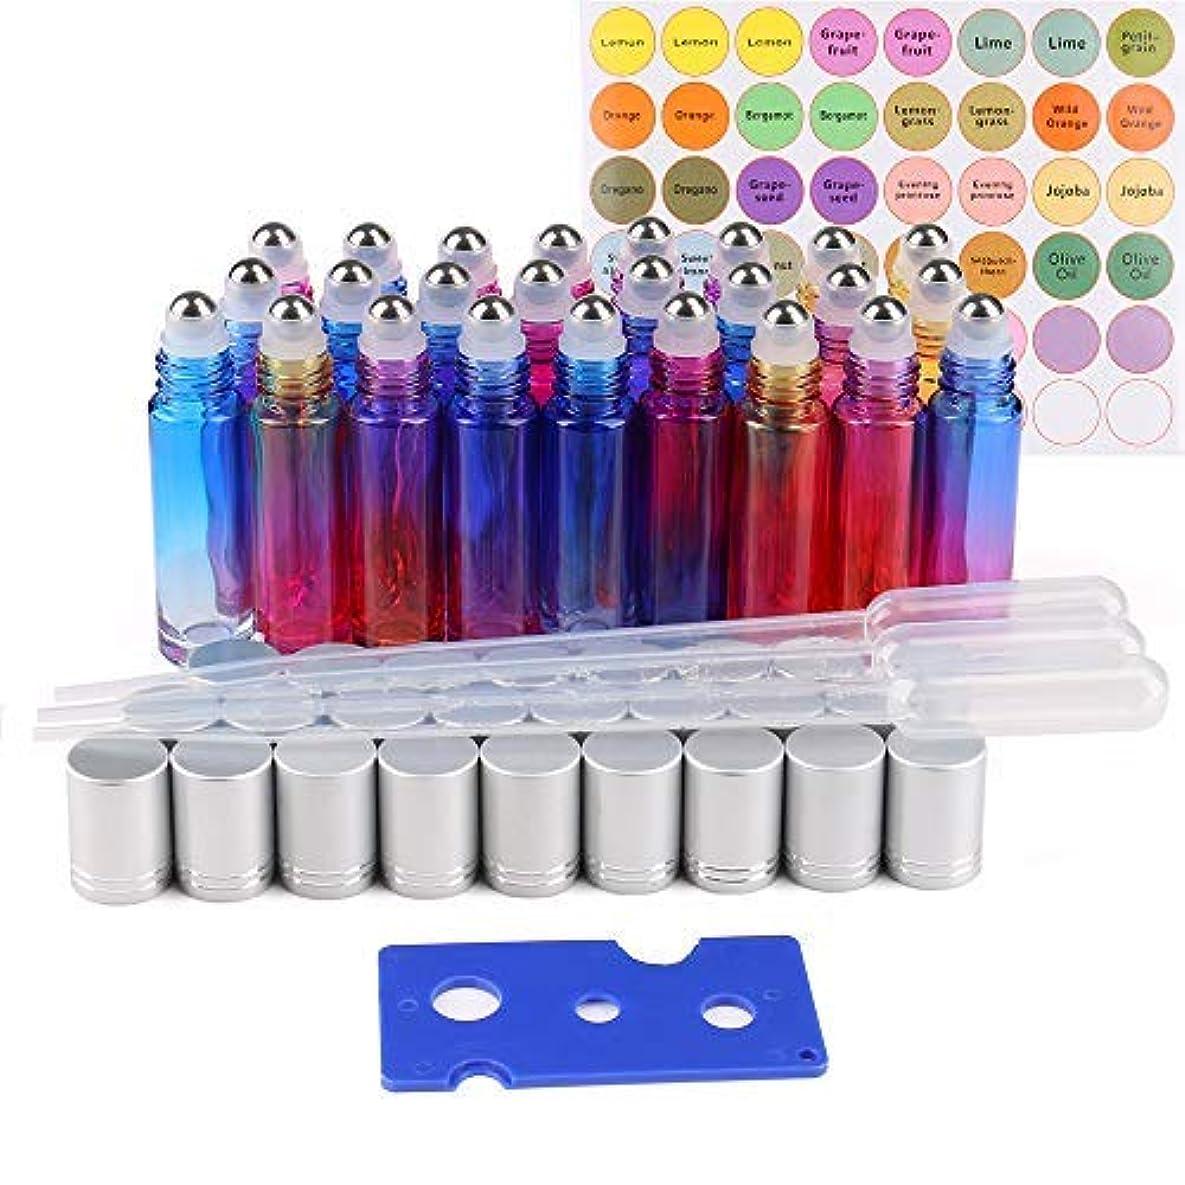 フリルインスタント荒野25 Pack Essential Oil Roller Bottles, 10ml Gradient Color Roll on Bottles with Stainless Steel Roller Balls for...